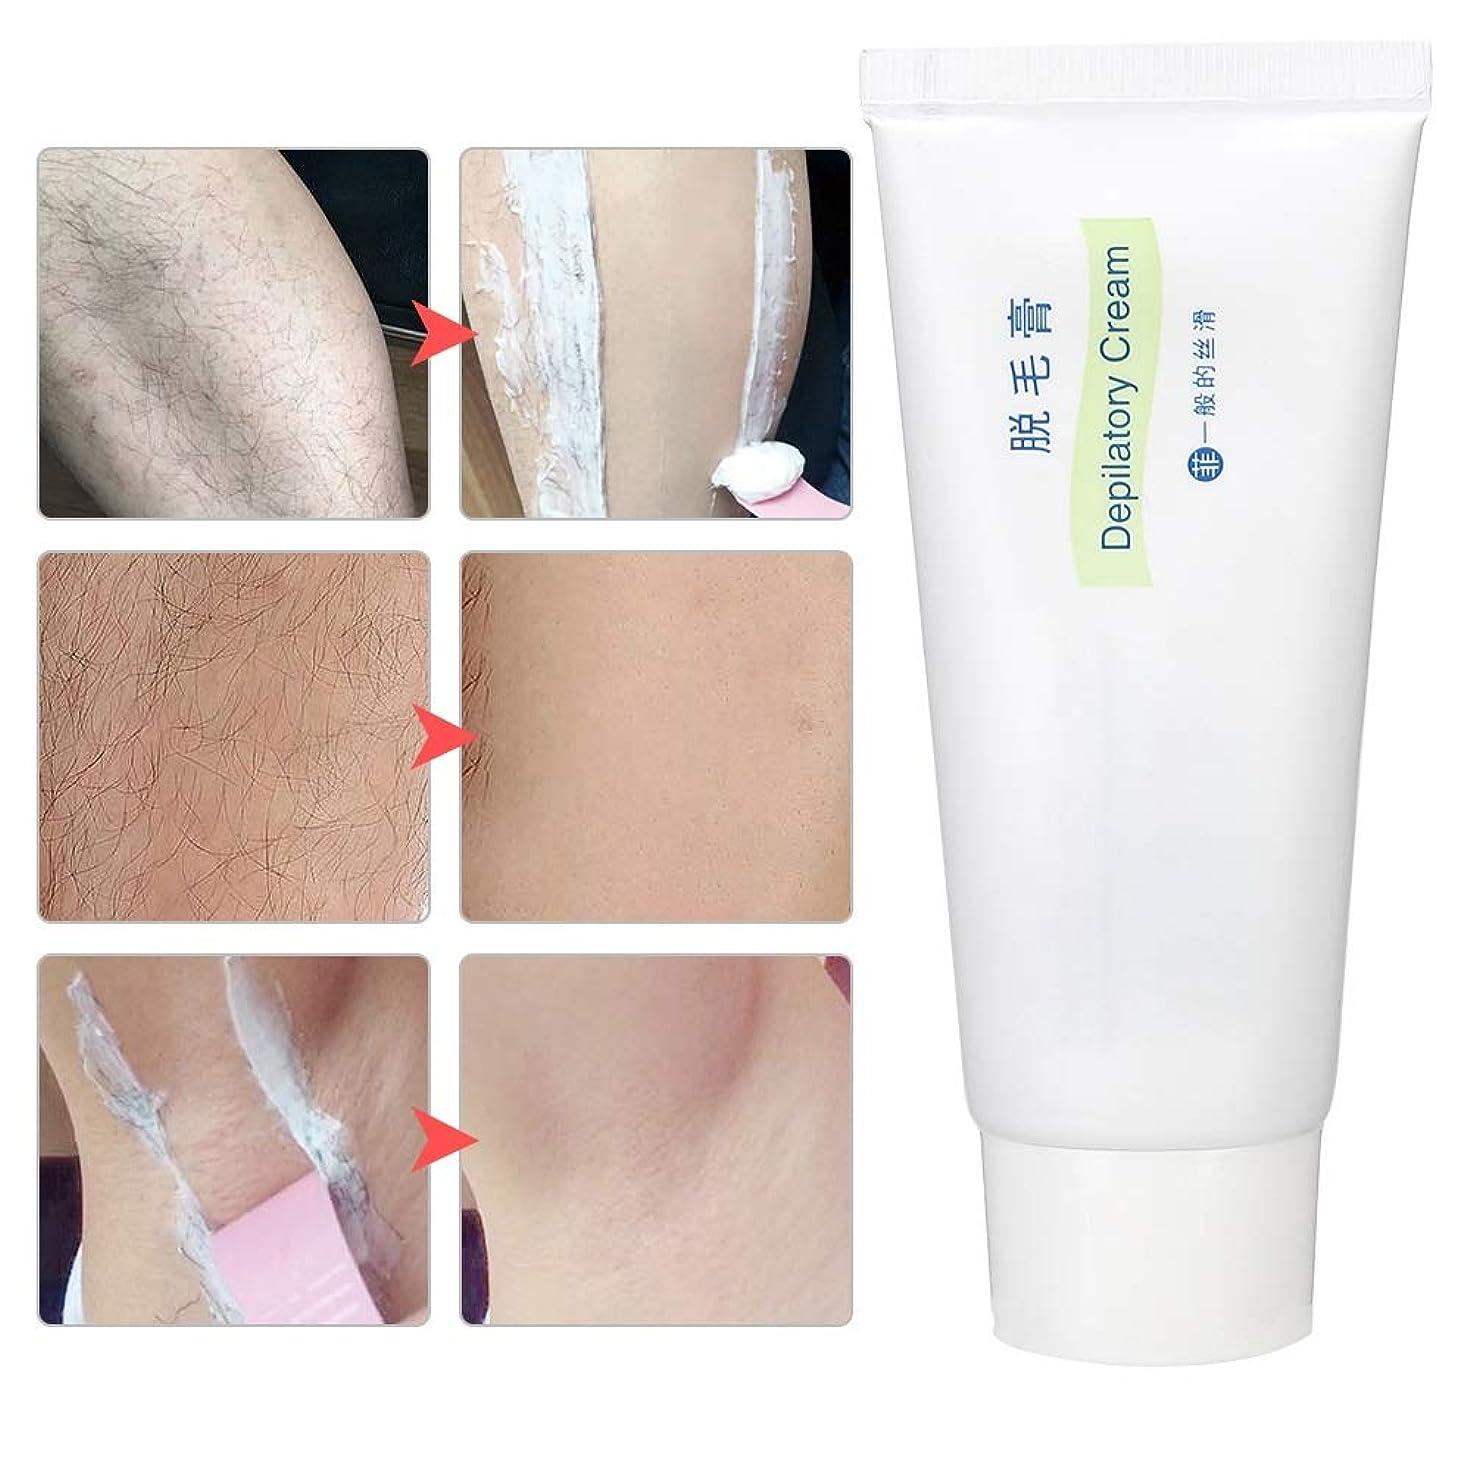 追放するの量作業60g脱毛クリーム、穏やかで痛みのない脱毛クリーム、ボディ脇の下の脚のビキニエリアの皮膚脱毛剤シンプルで高速。